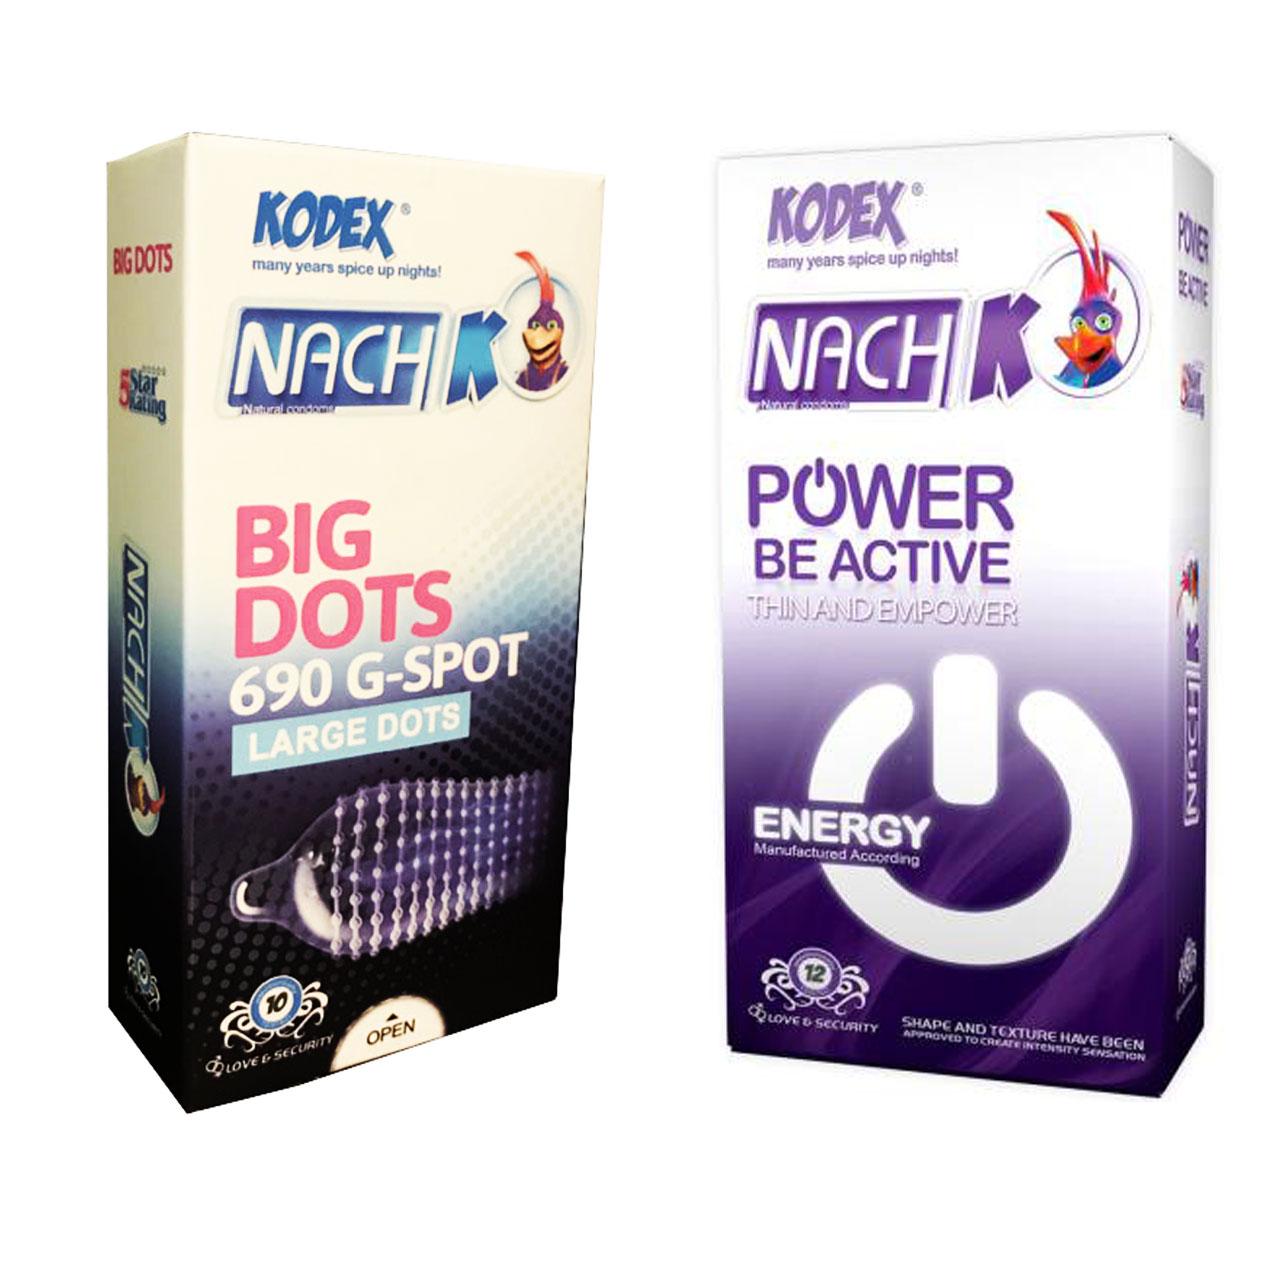 خرید                      کاندوم کدکس مدل Power Be Active بسته 12 عددی به همراه کاندوم کدکس مدل BIG DOTS بسته 12 عددی